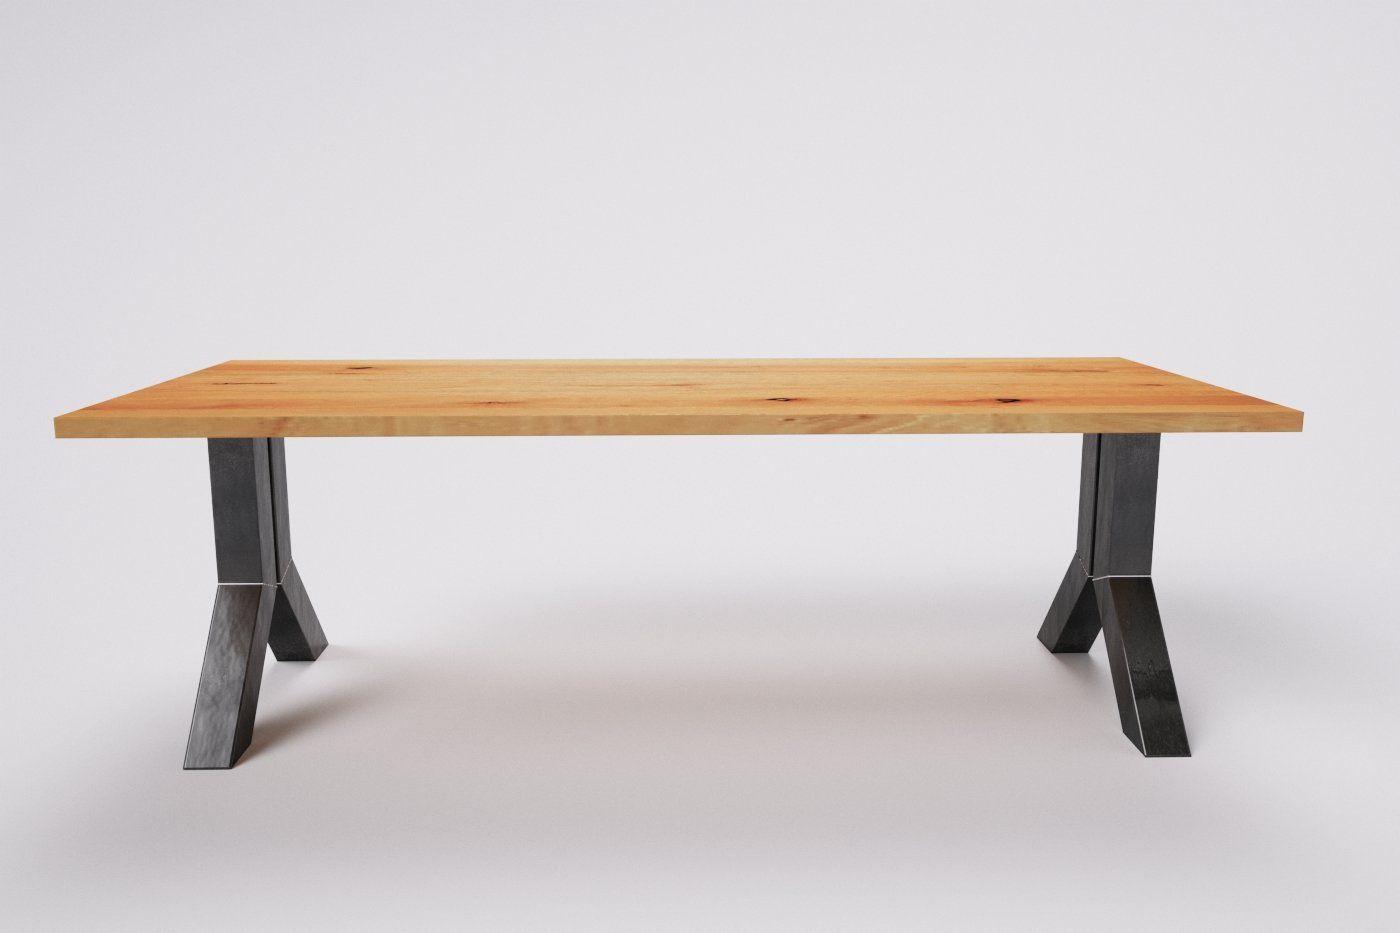 Holztisch Massiv Nach Mass Buche Wohnsektion Holztisch Massiv Holztisch Tisch